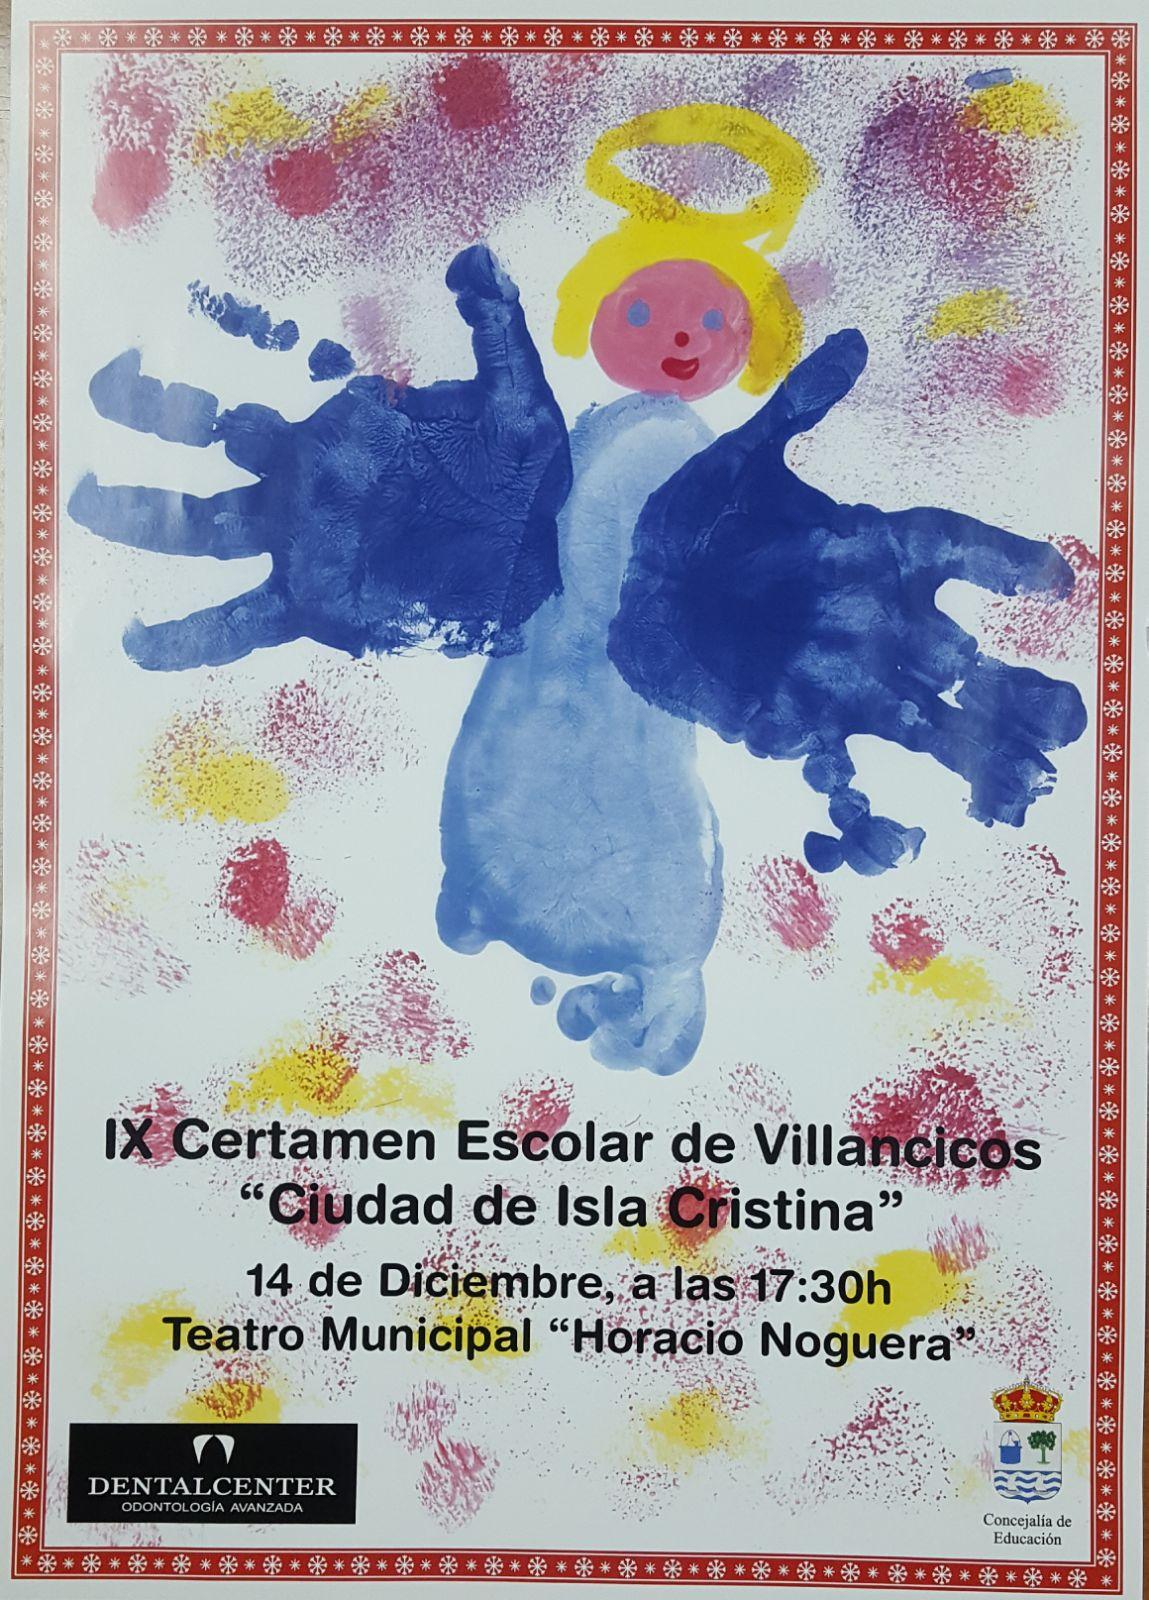 Isla Cristina acoge este jueves el IX Certamen Escolar de Villancicos «Ciudad de Isla Cristina»